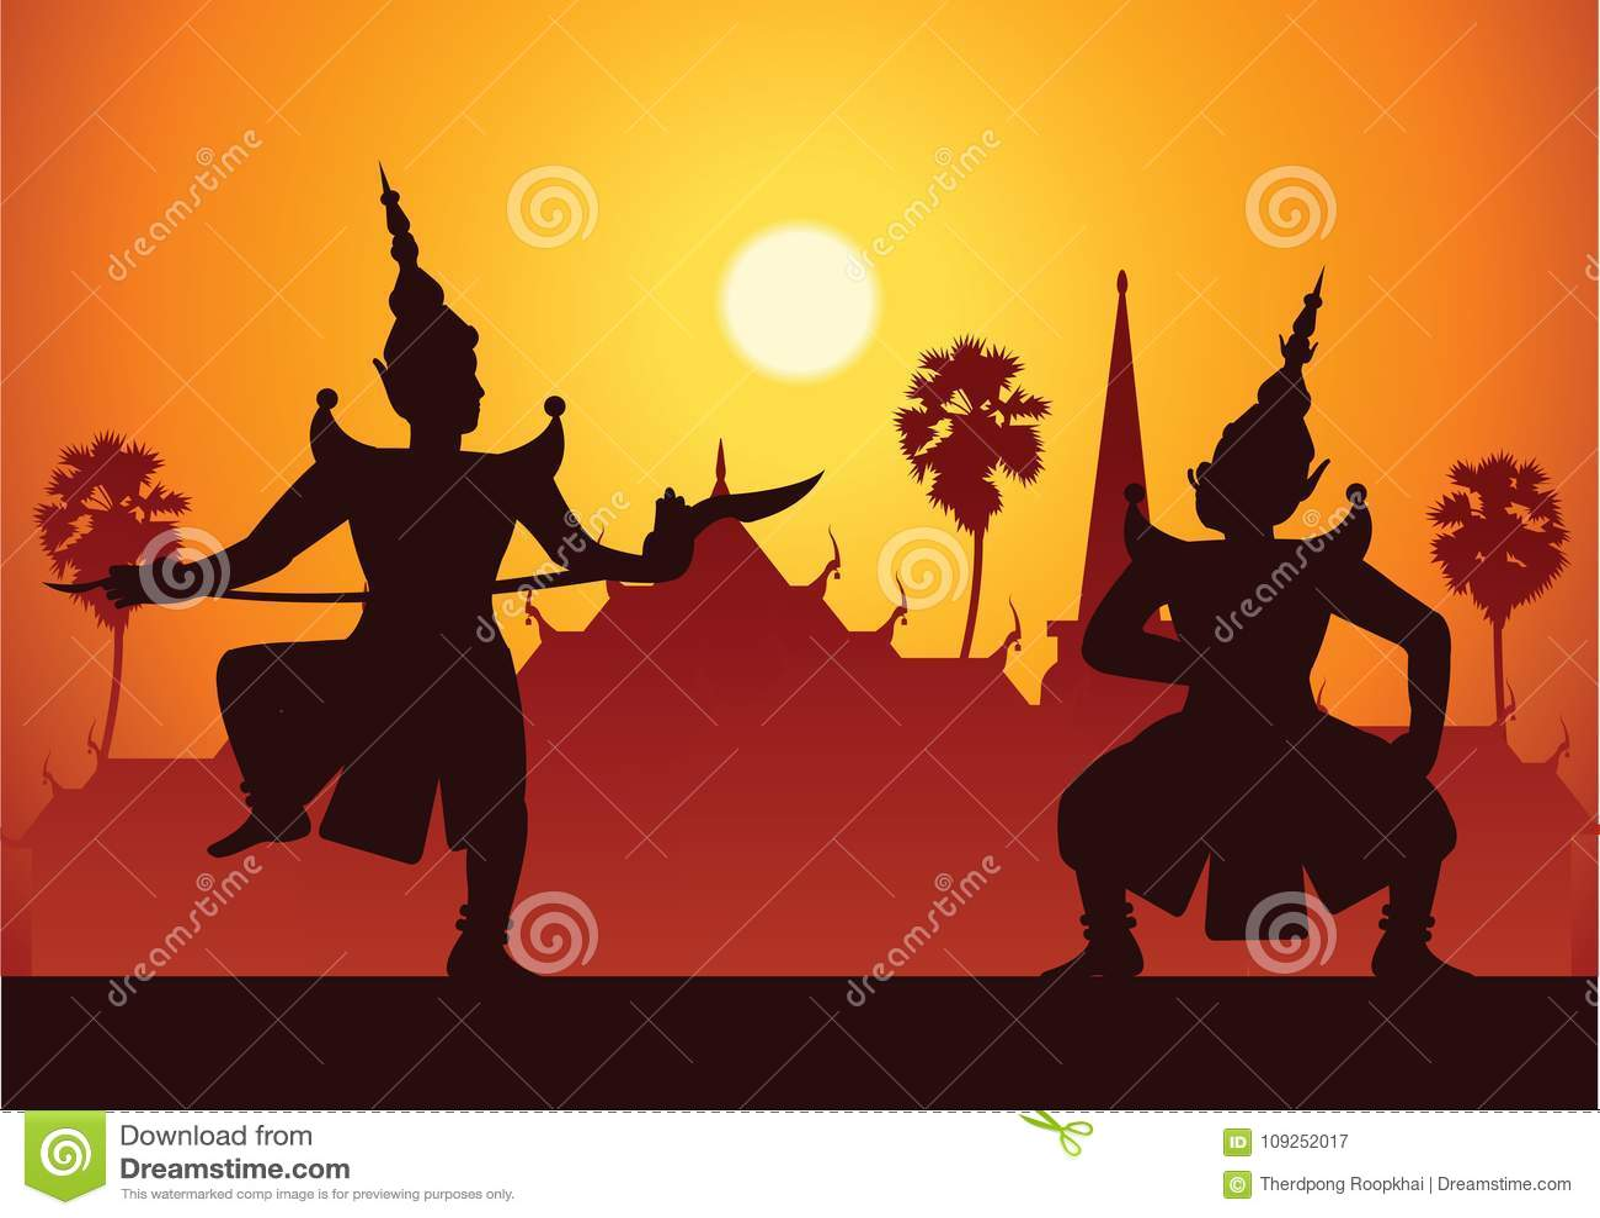 Παραδοσιακή τέχνη δράματος χορού ταϊλανδικού κλασσικού που καλύπτεται Ταϊλανδός